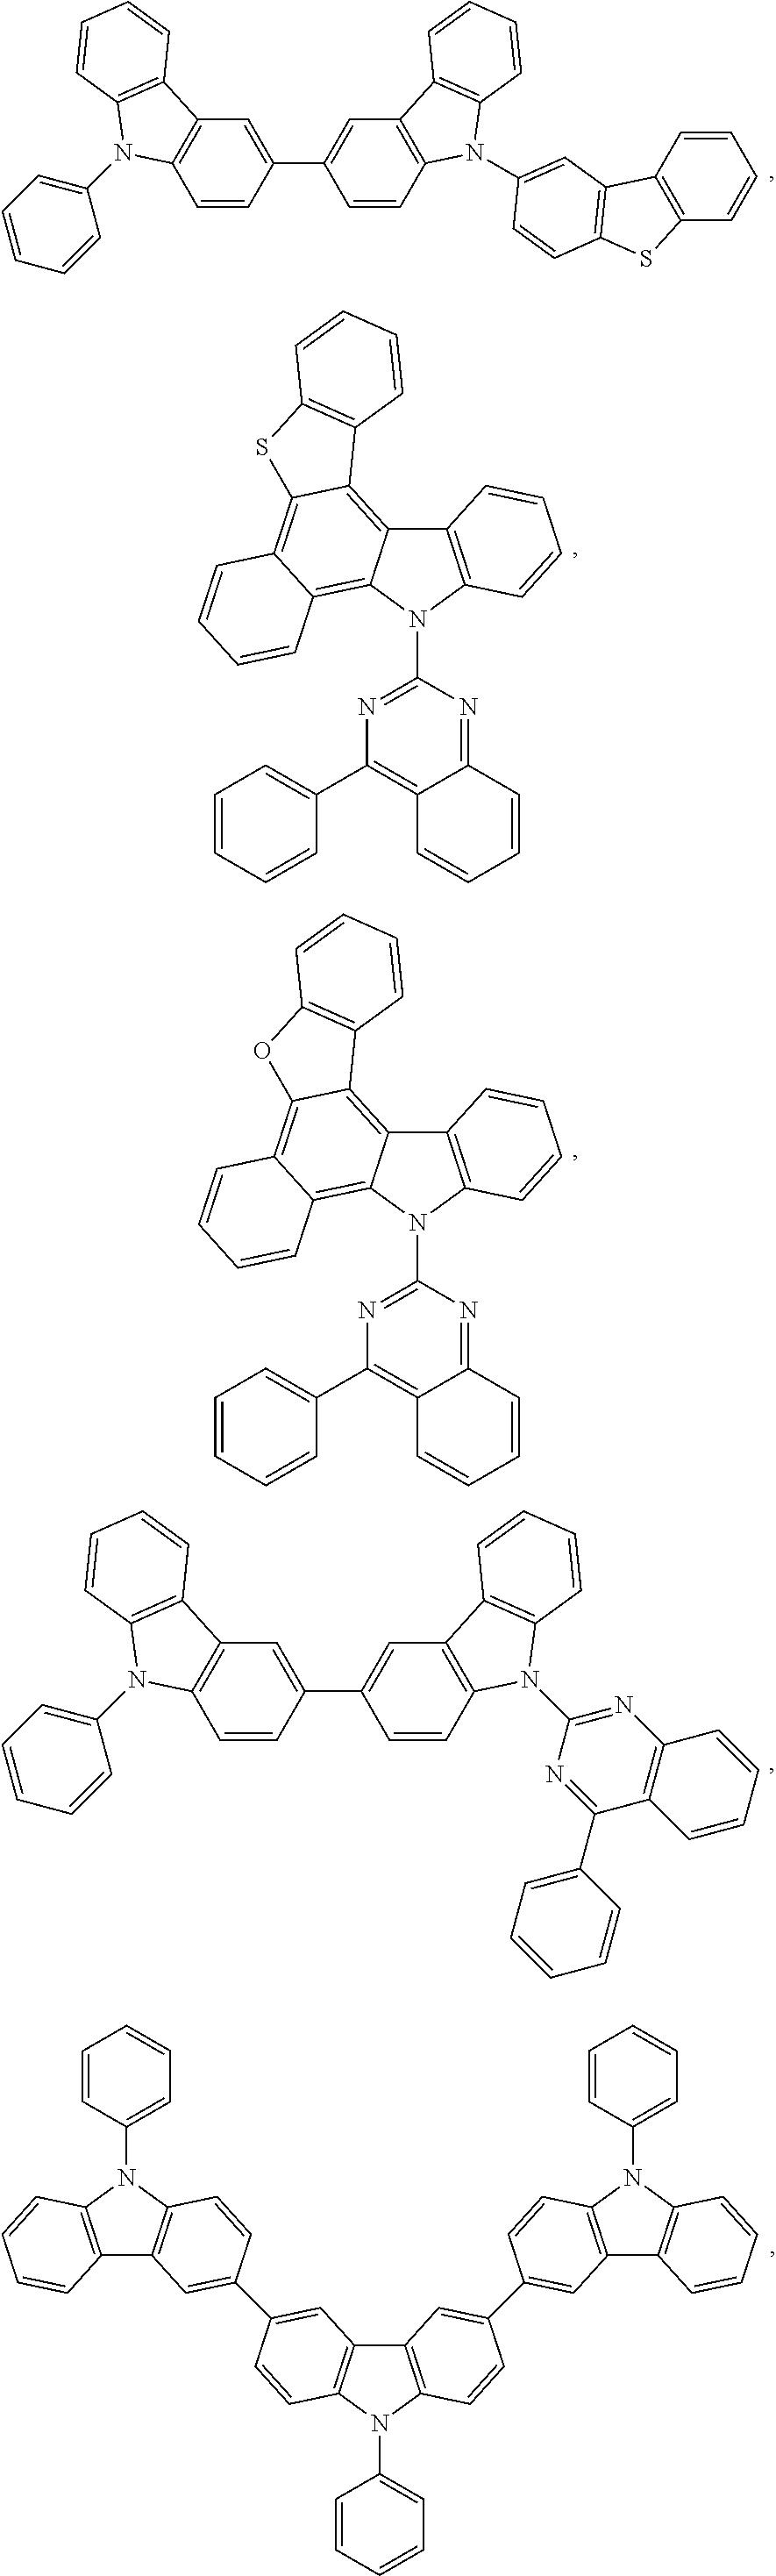 Figure US20180076393A1-20180315-C00180